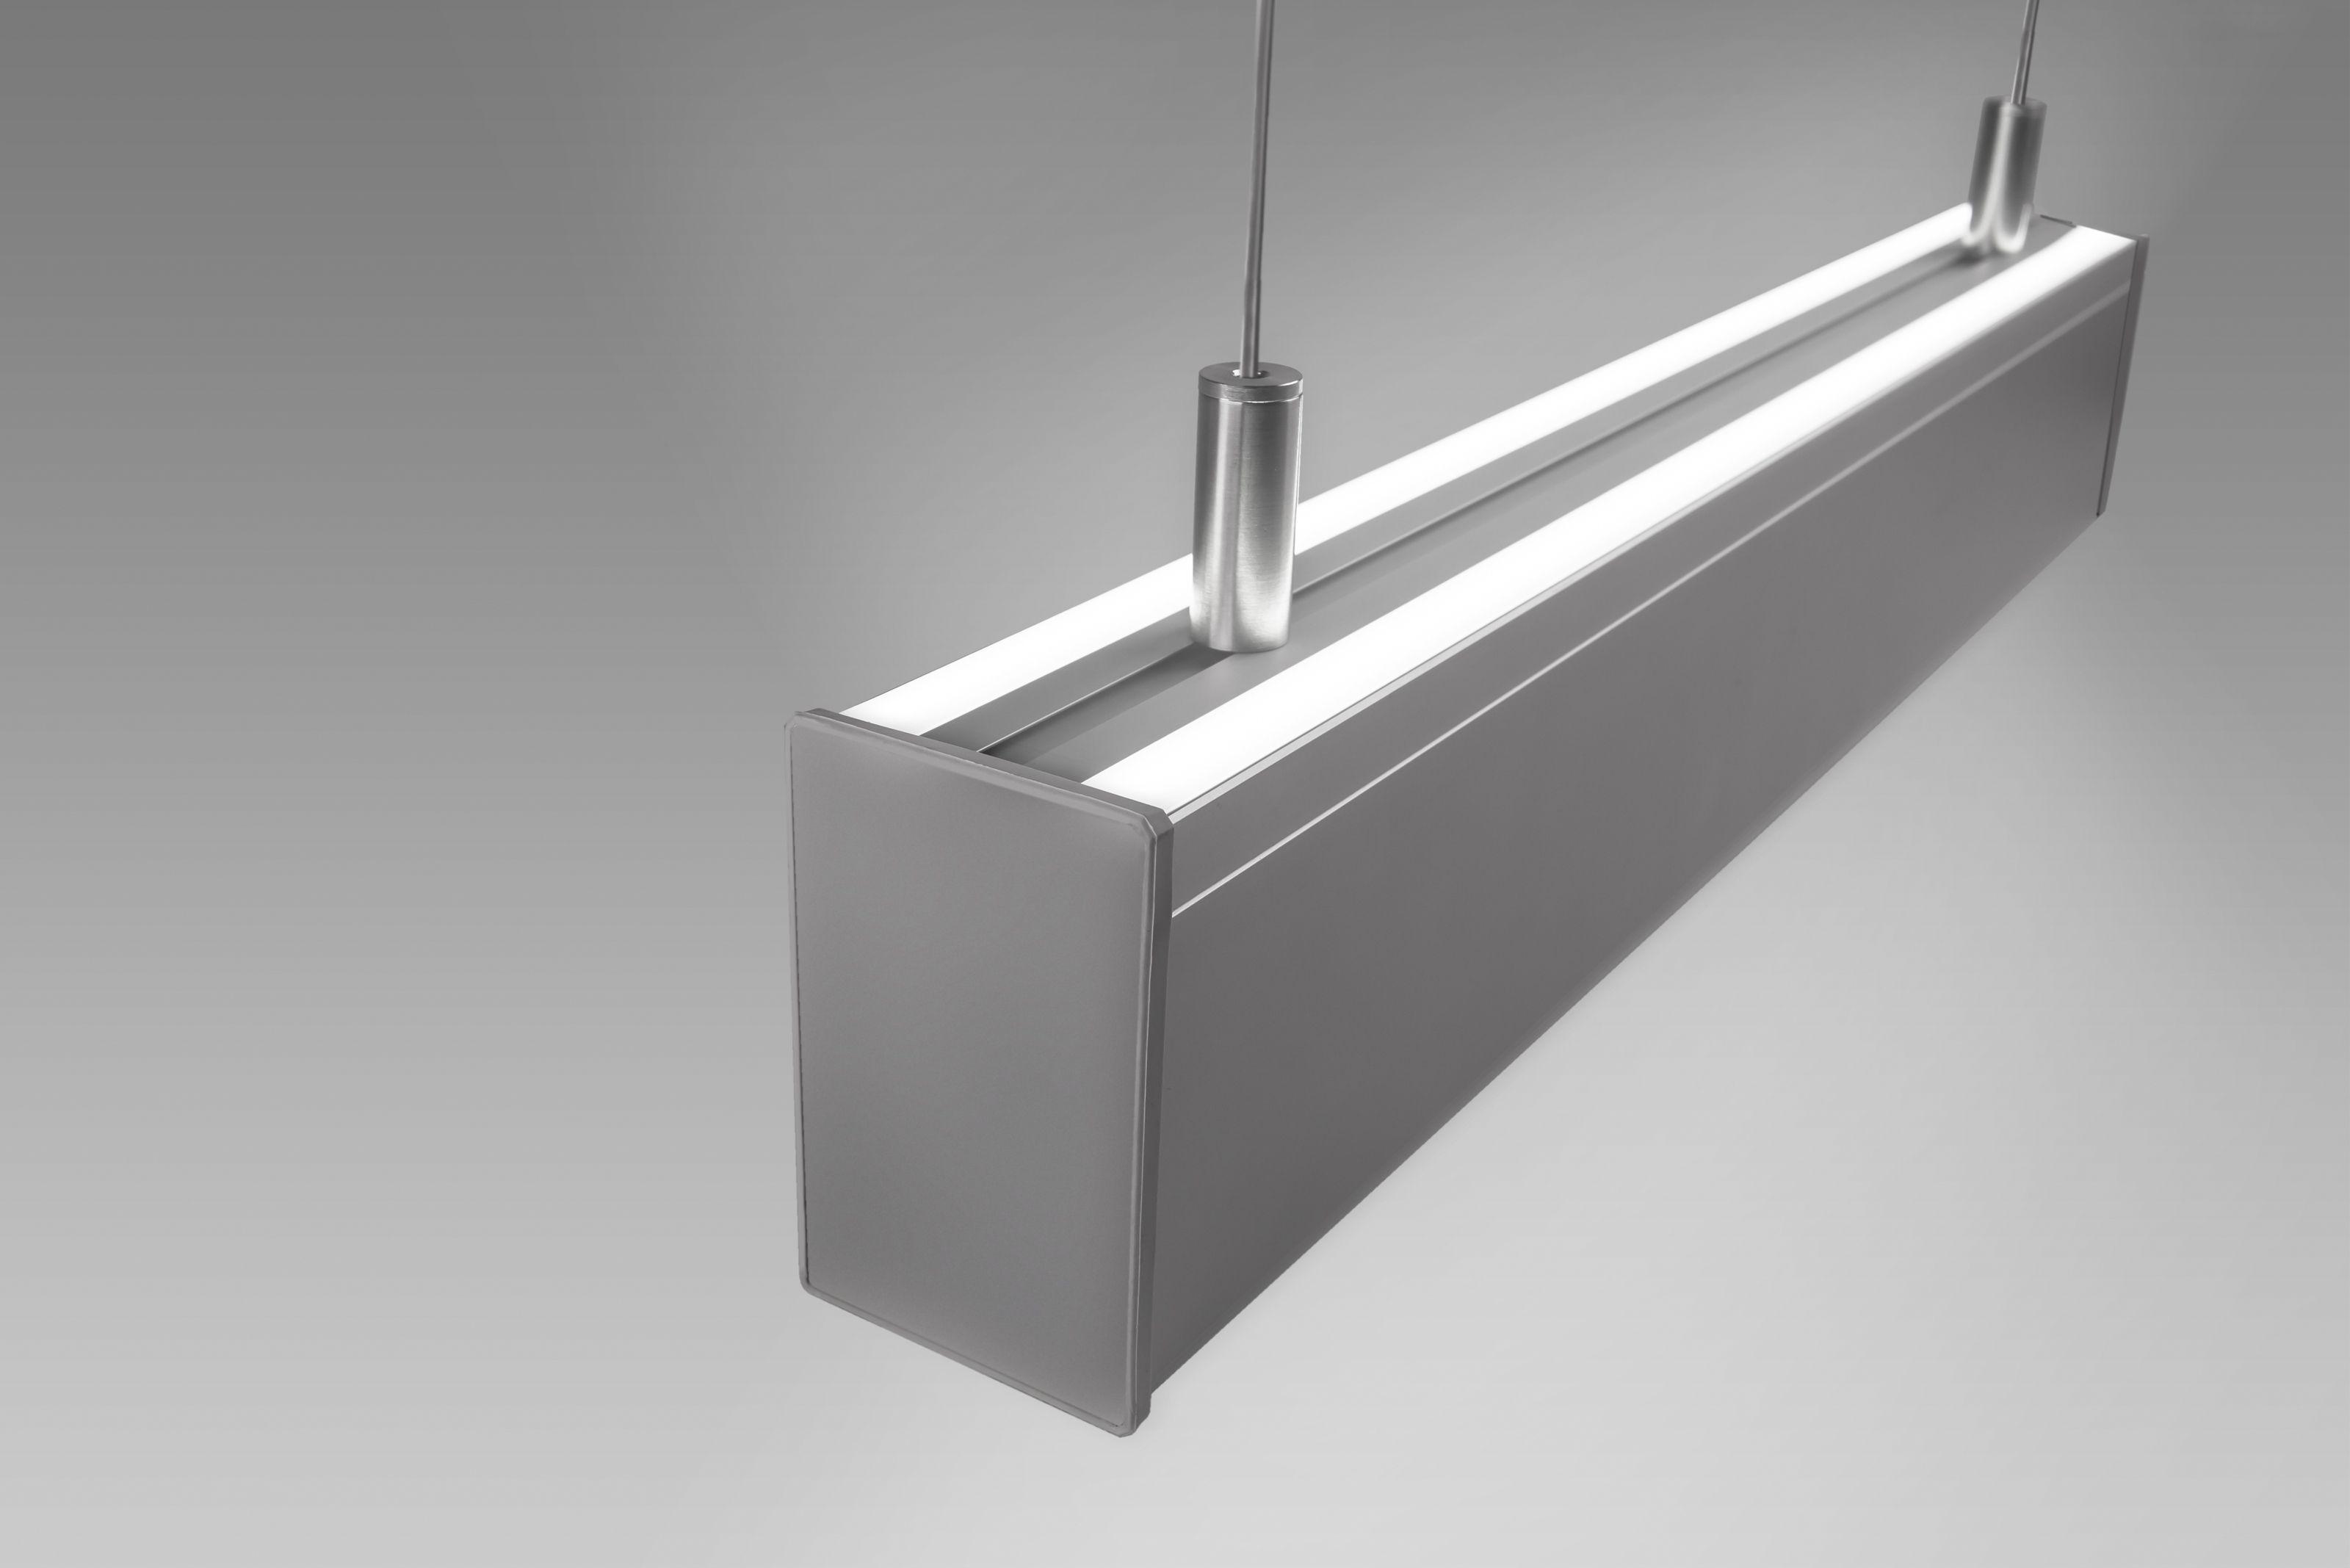 lightline-up-down-2-mj-lighting-v2